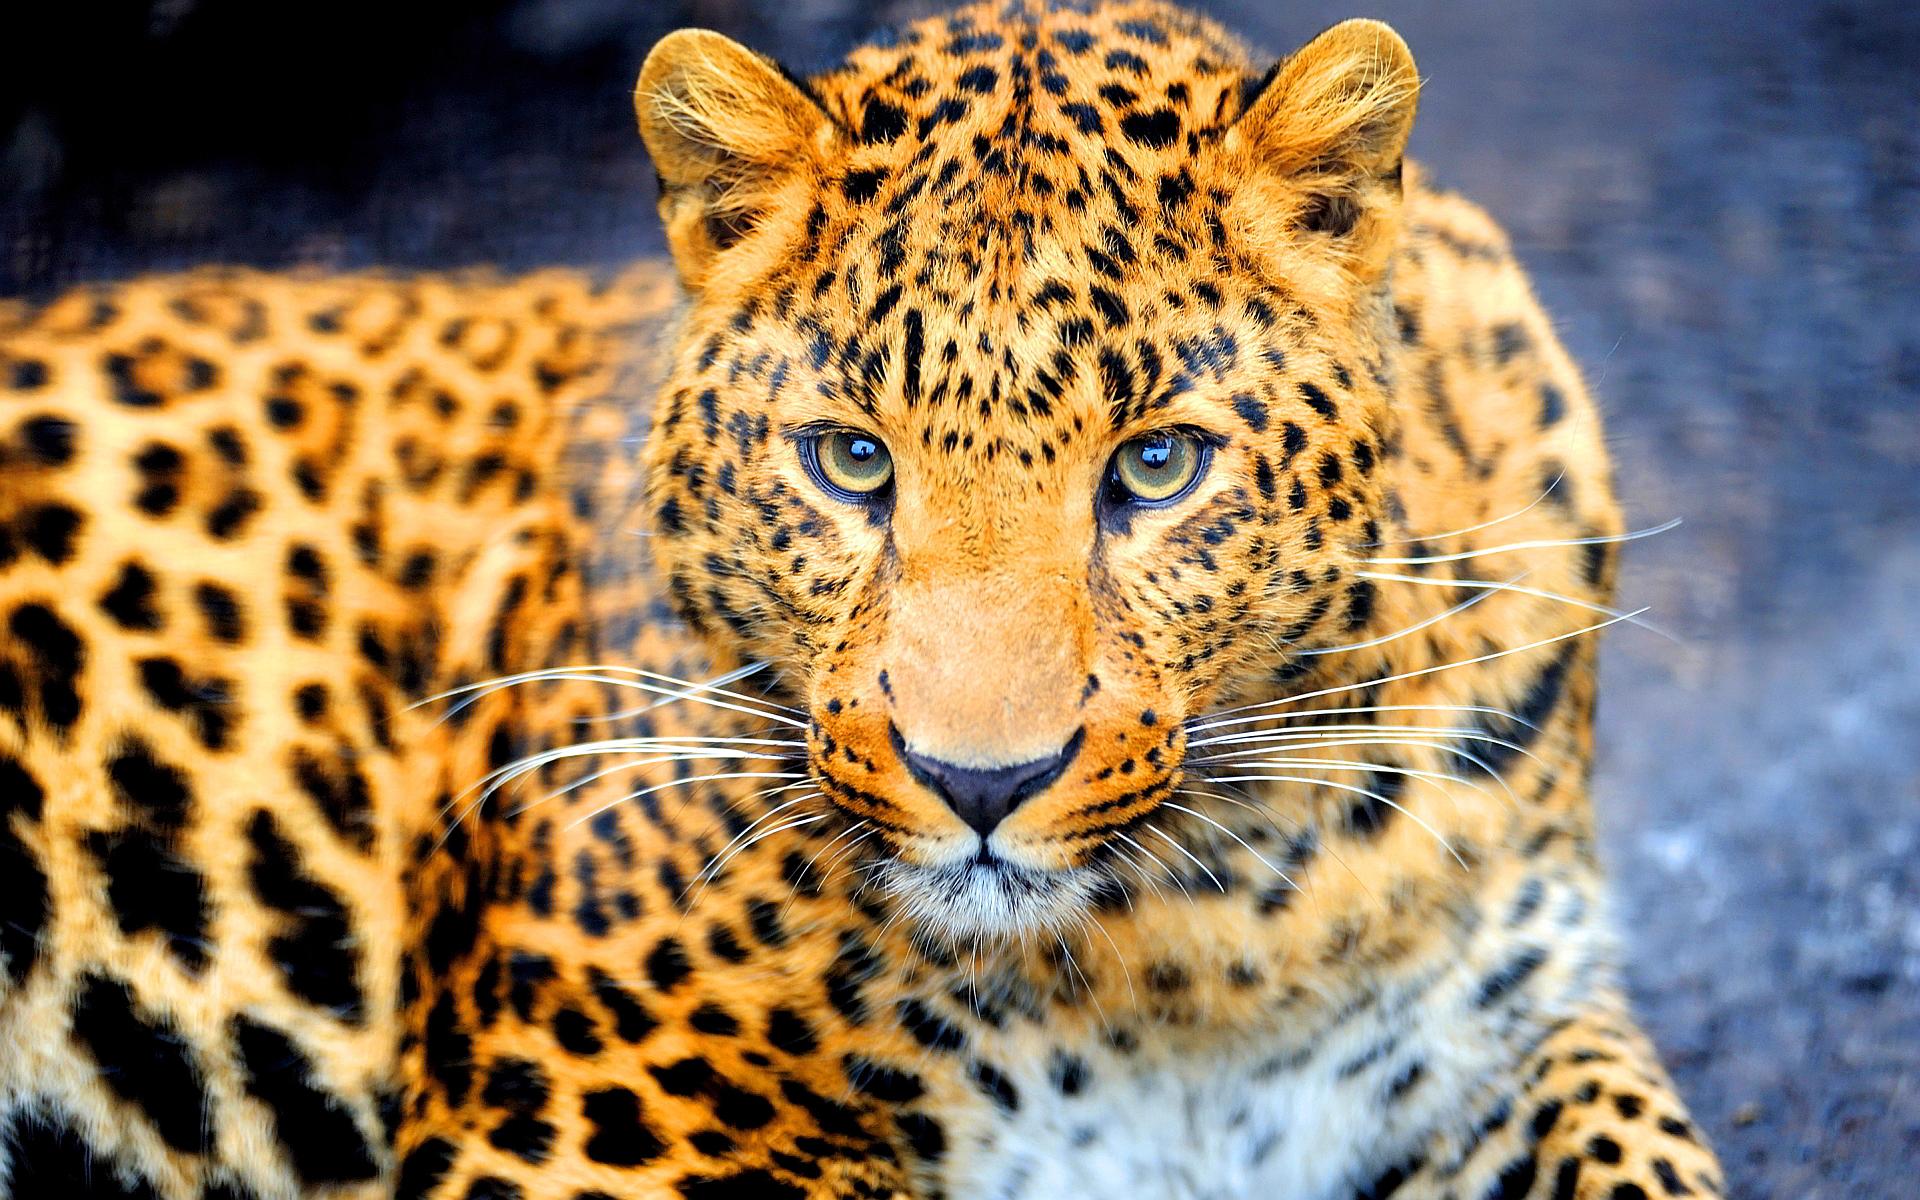 Jaguar Animal Wallpaper Hd Desktop Wallpapers 4k Hd